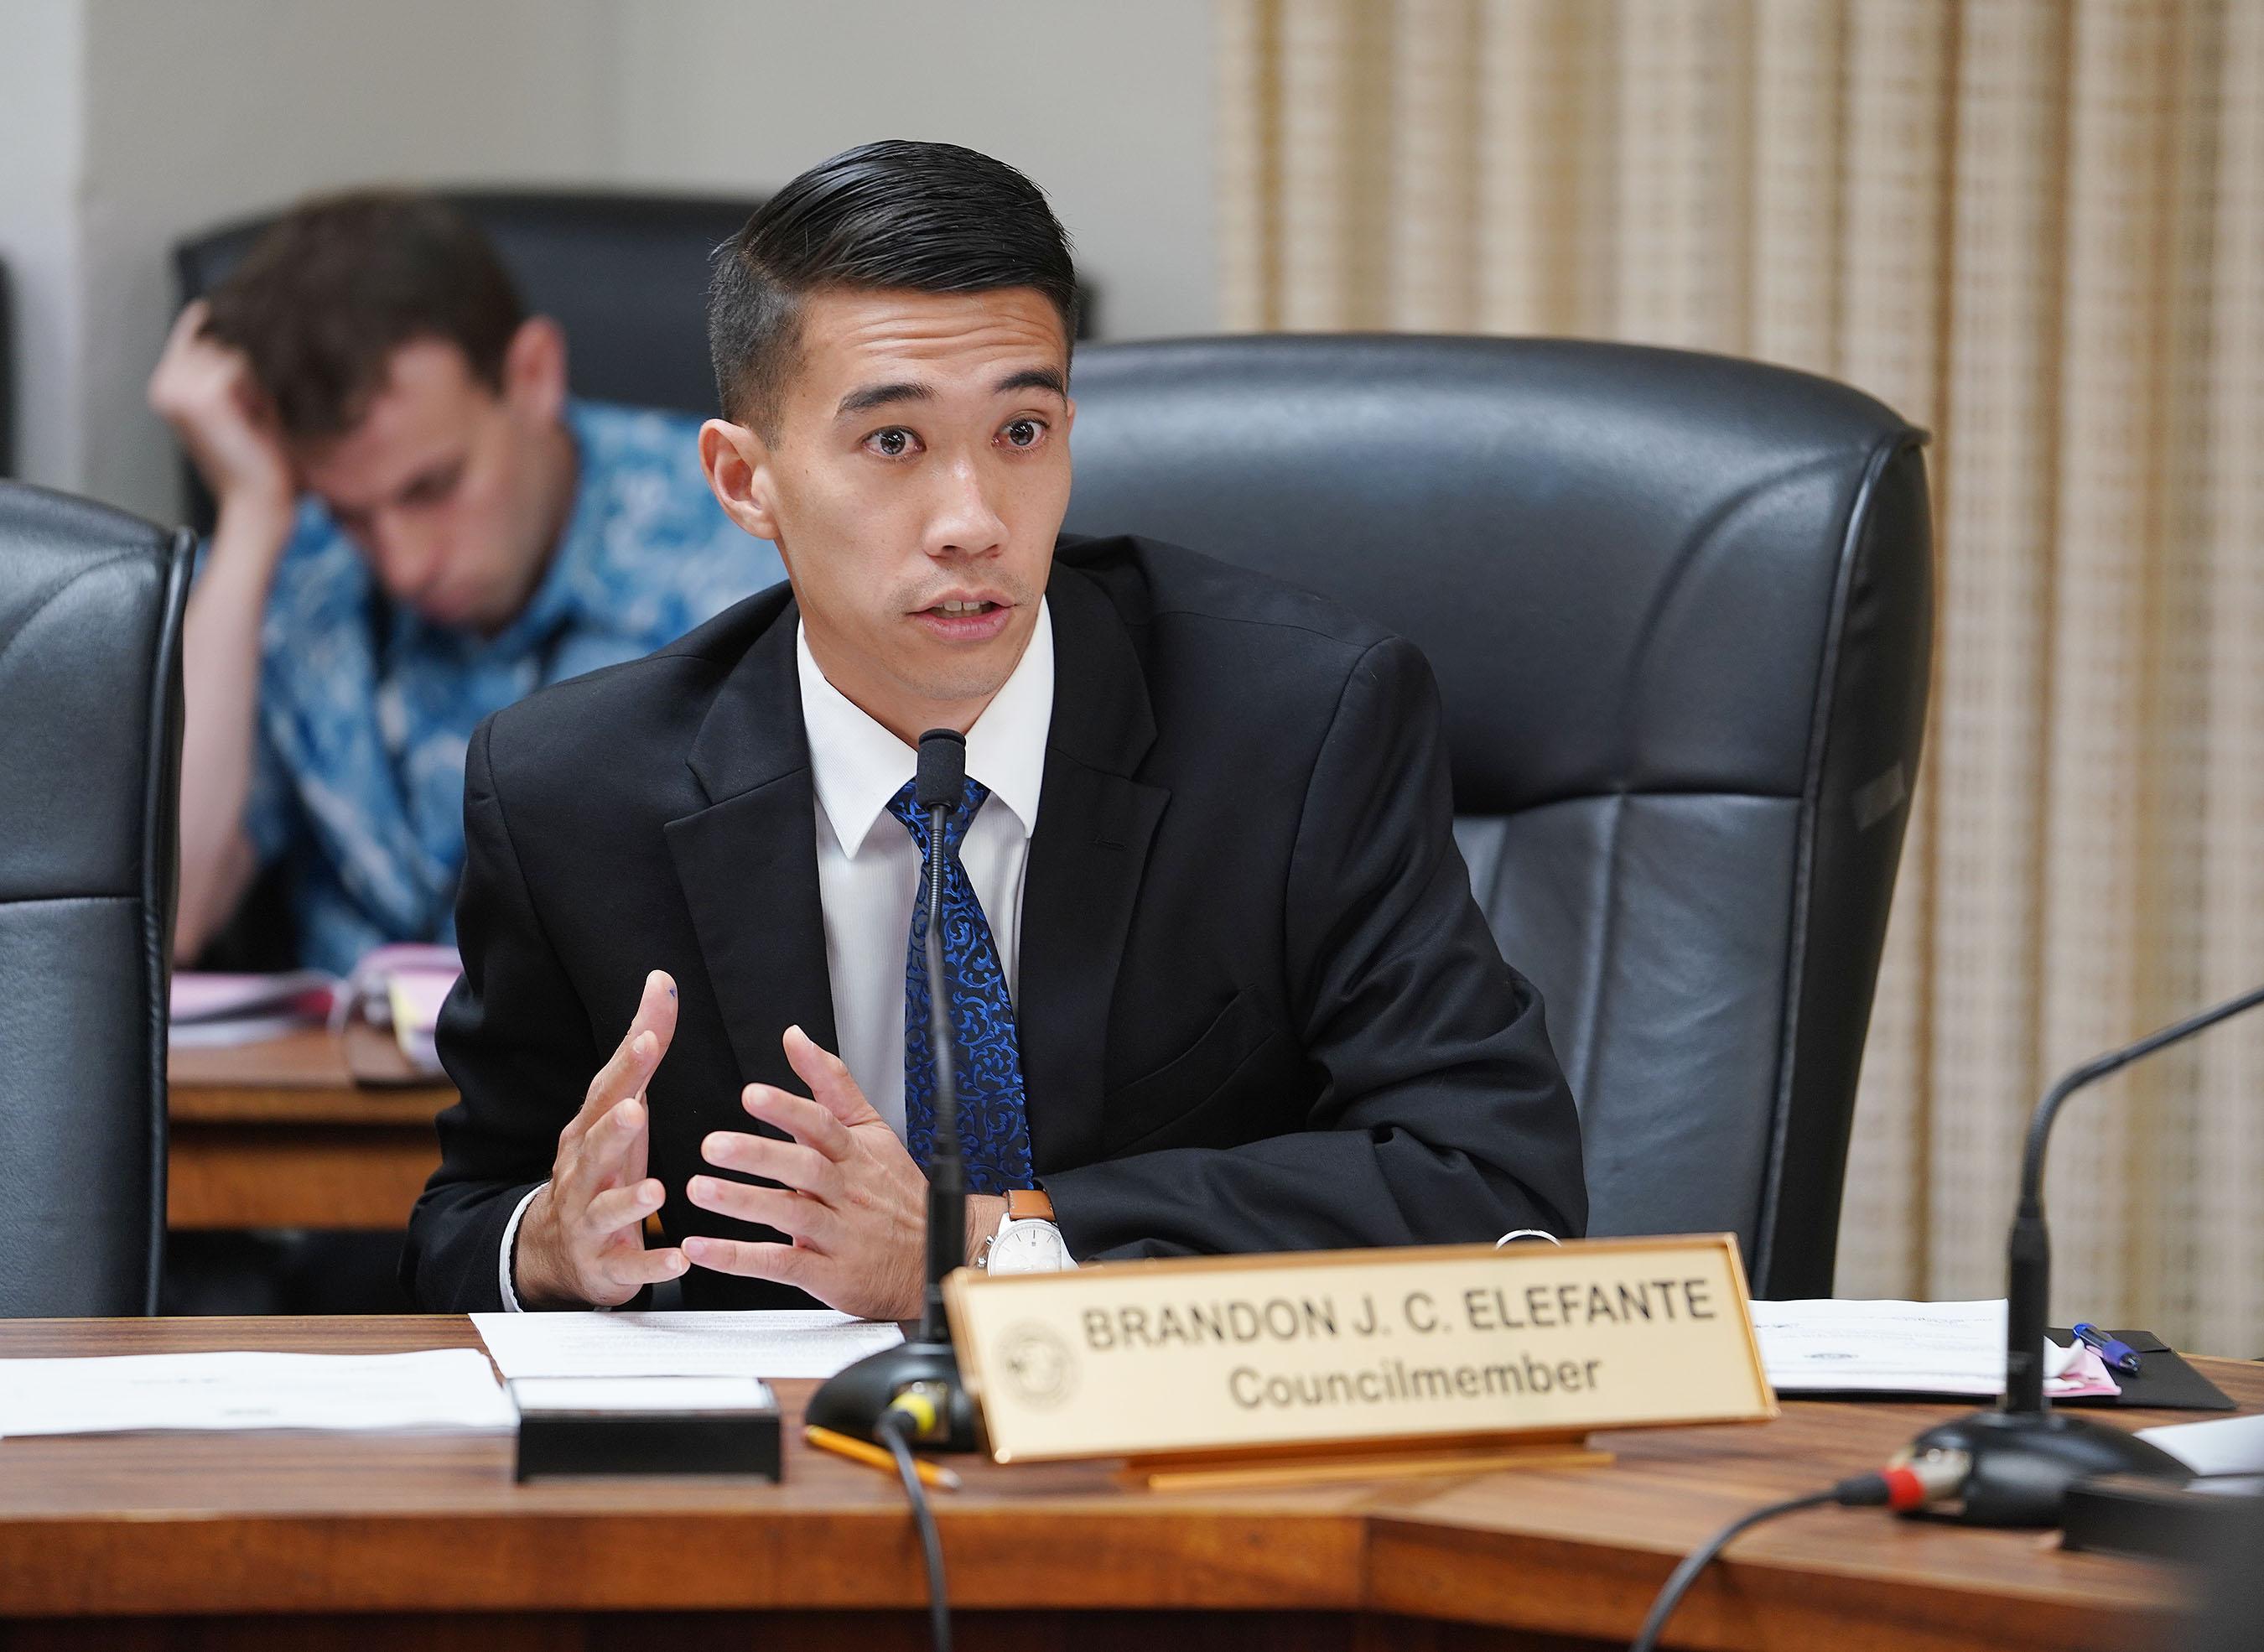 Councilmember Brandon Elefante during housing homeless committee mtg.